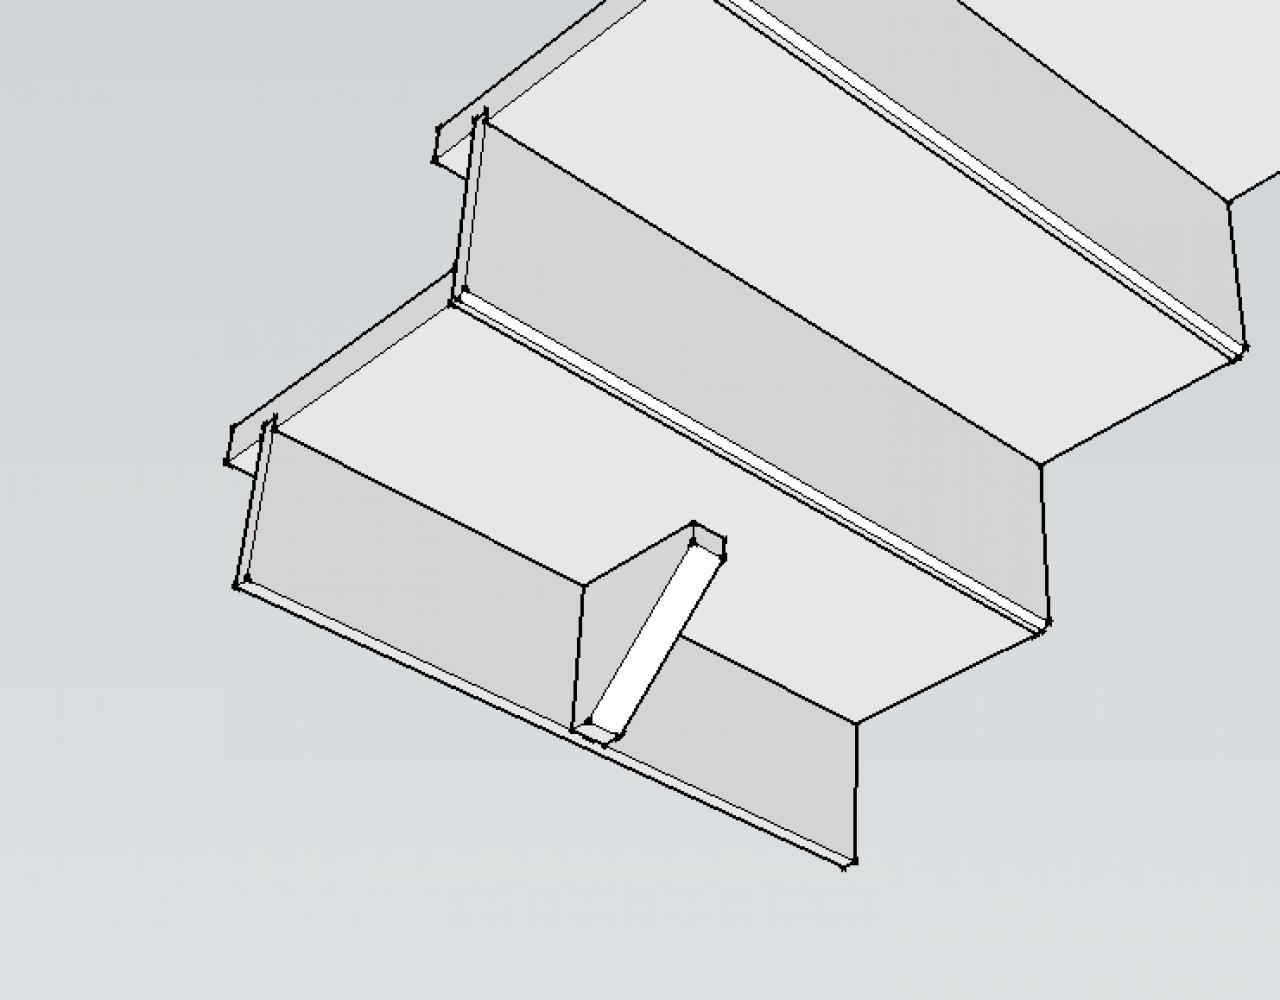 Faire un escalier en bois 20170803235442 - Creer un escalier en bois ...